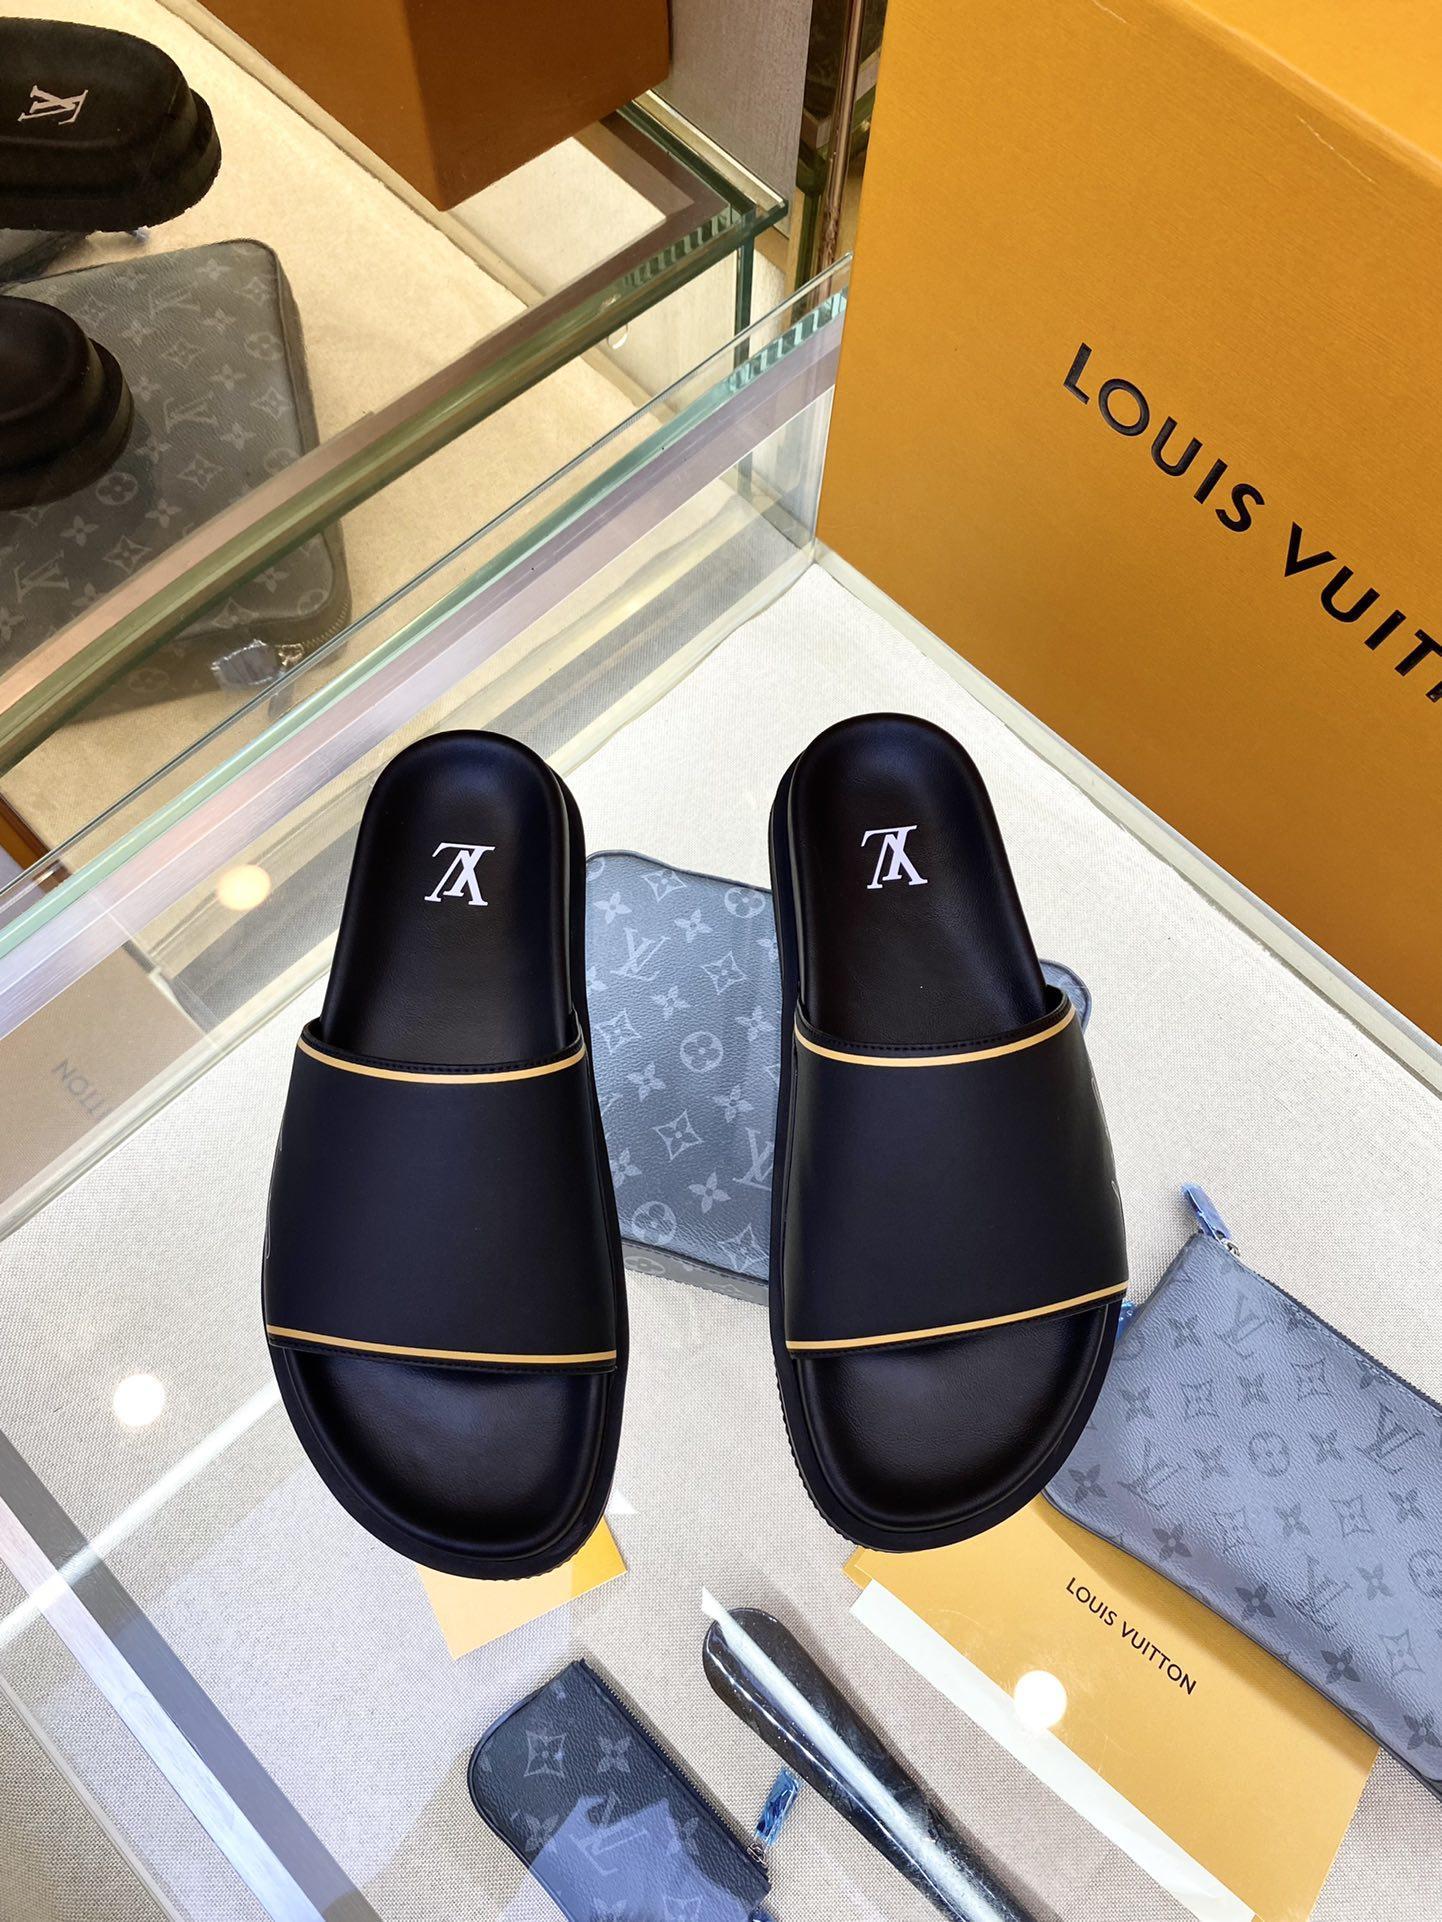 hot    men slippers    beach shoe    loafer     *i flip flop sandal indoor shoes 9